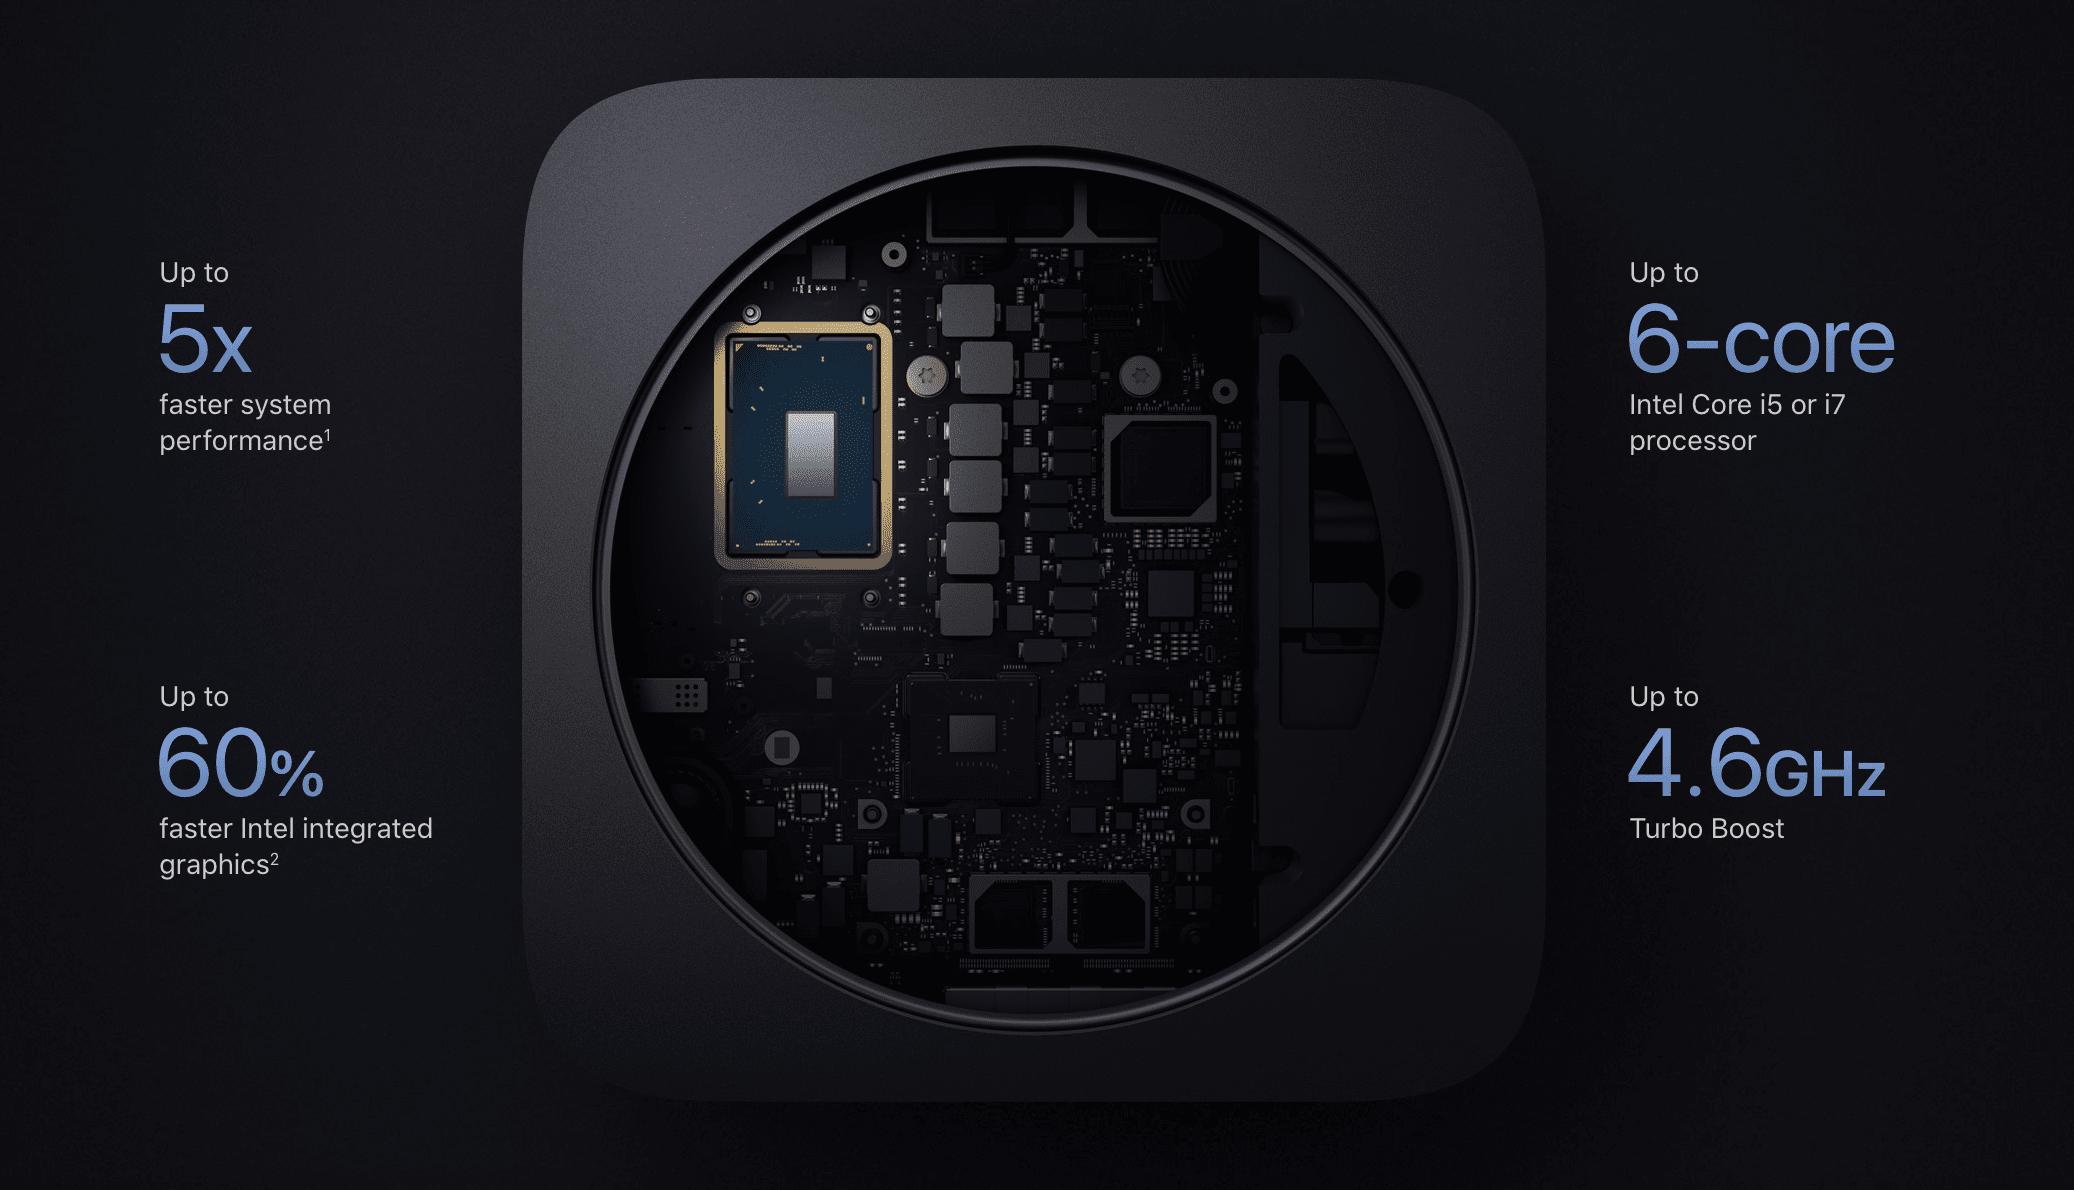 Mac mini - Mac mini sa vracia na výslnie vo veľkom štýle